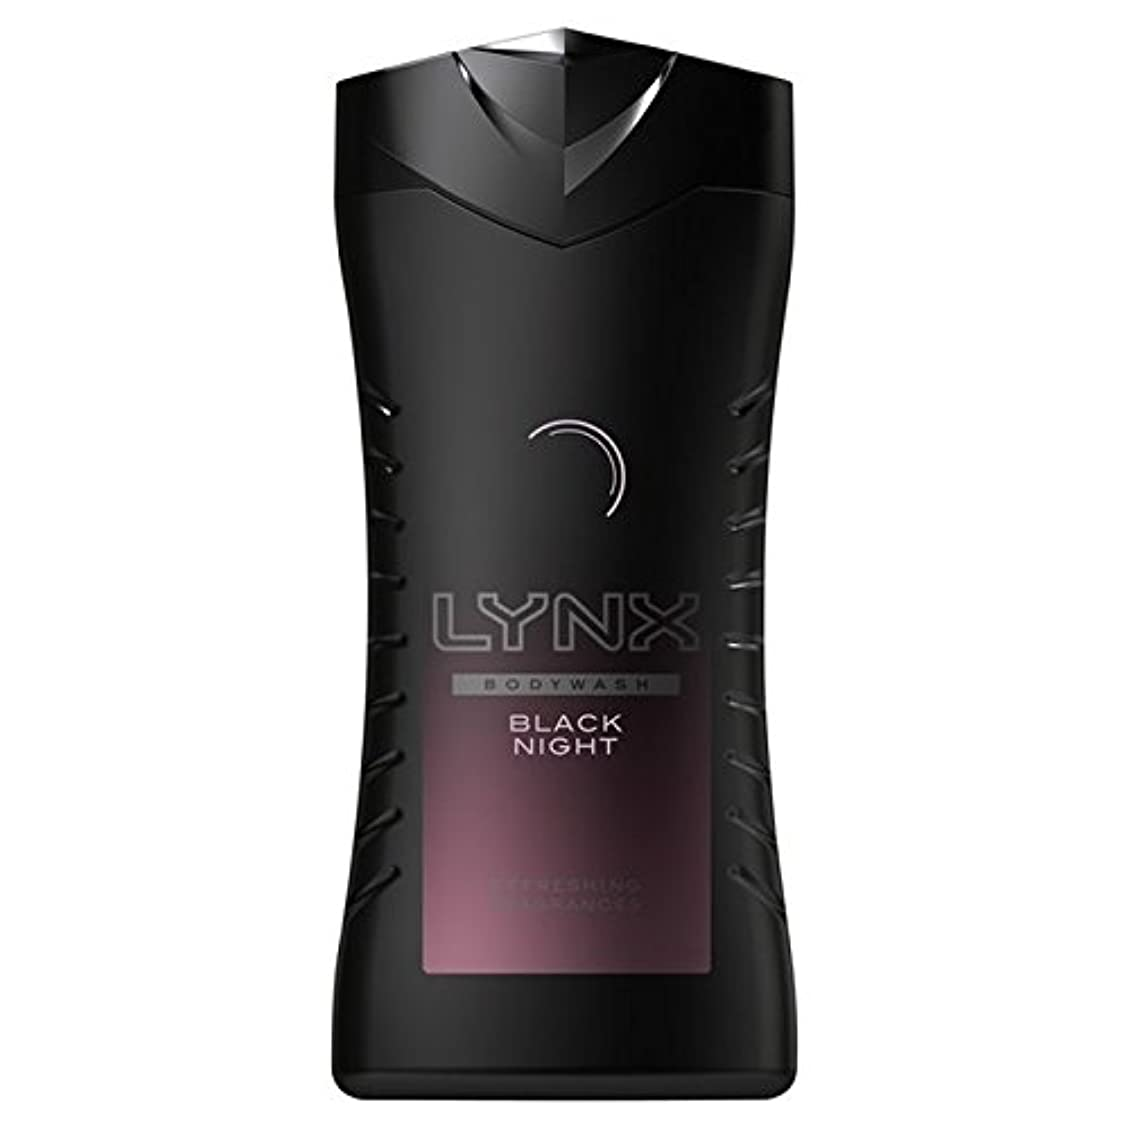 アーティキュレーション統治するかもめLynx Black Night Shower Gel 250ml - オオヤマネコ黒夜シャワージェル250ミリリットル [並行輸入品]